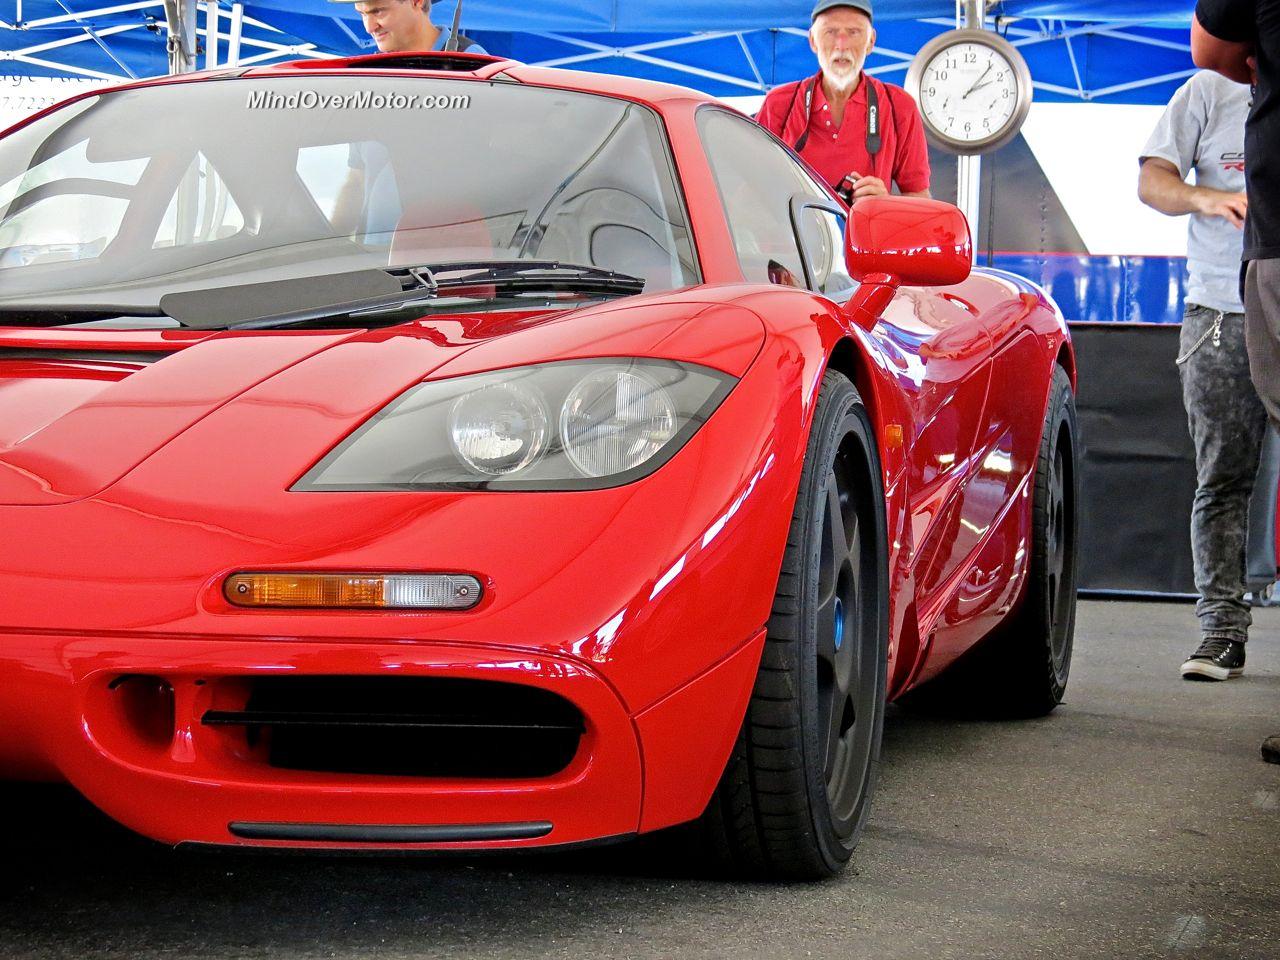 McLaren F1 Laguna Seca